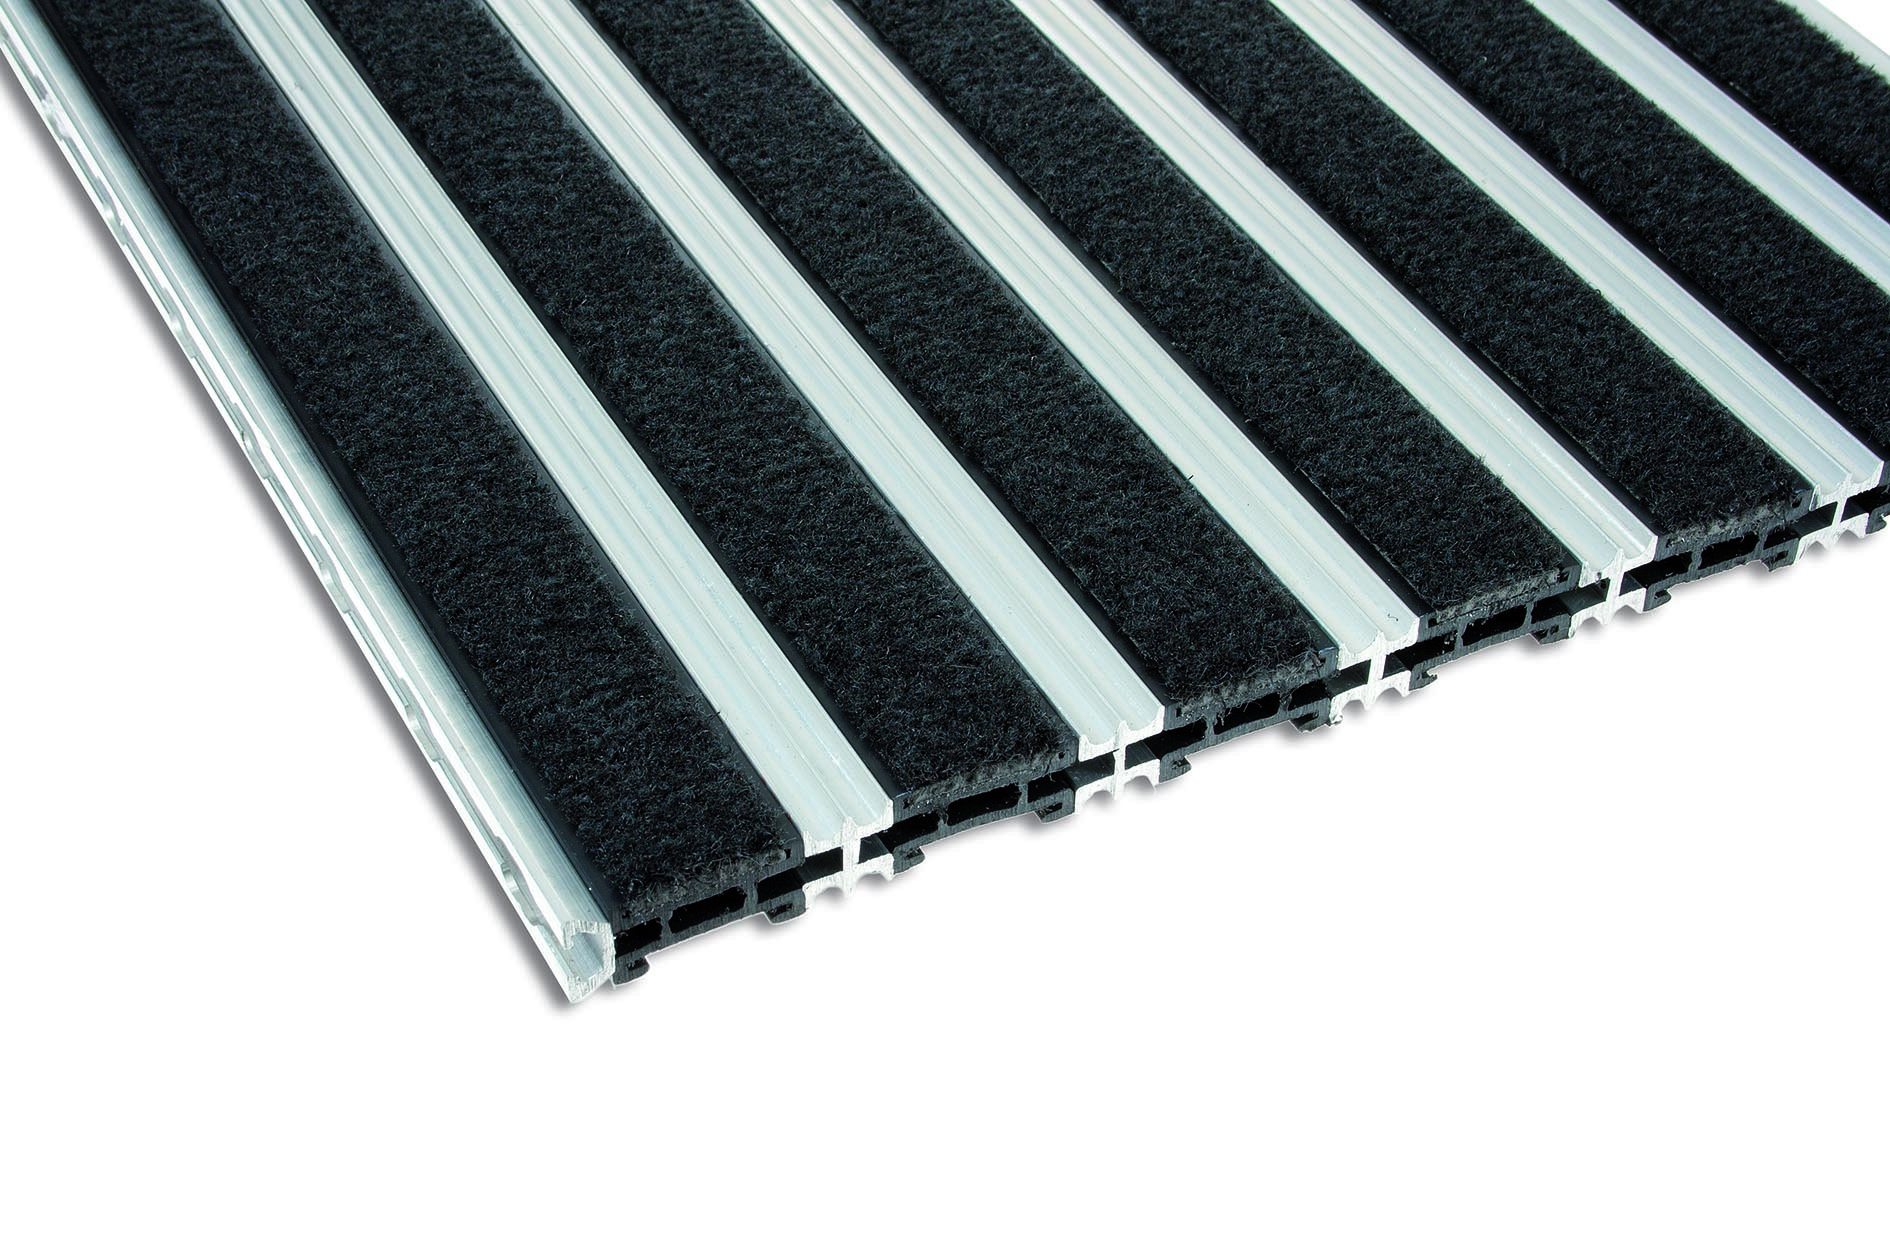 tapis d 39 entree tous les fournisseurs tapis d accueil. Black Bedroom Furniture Sets. Home Design Ideas